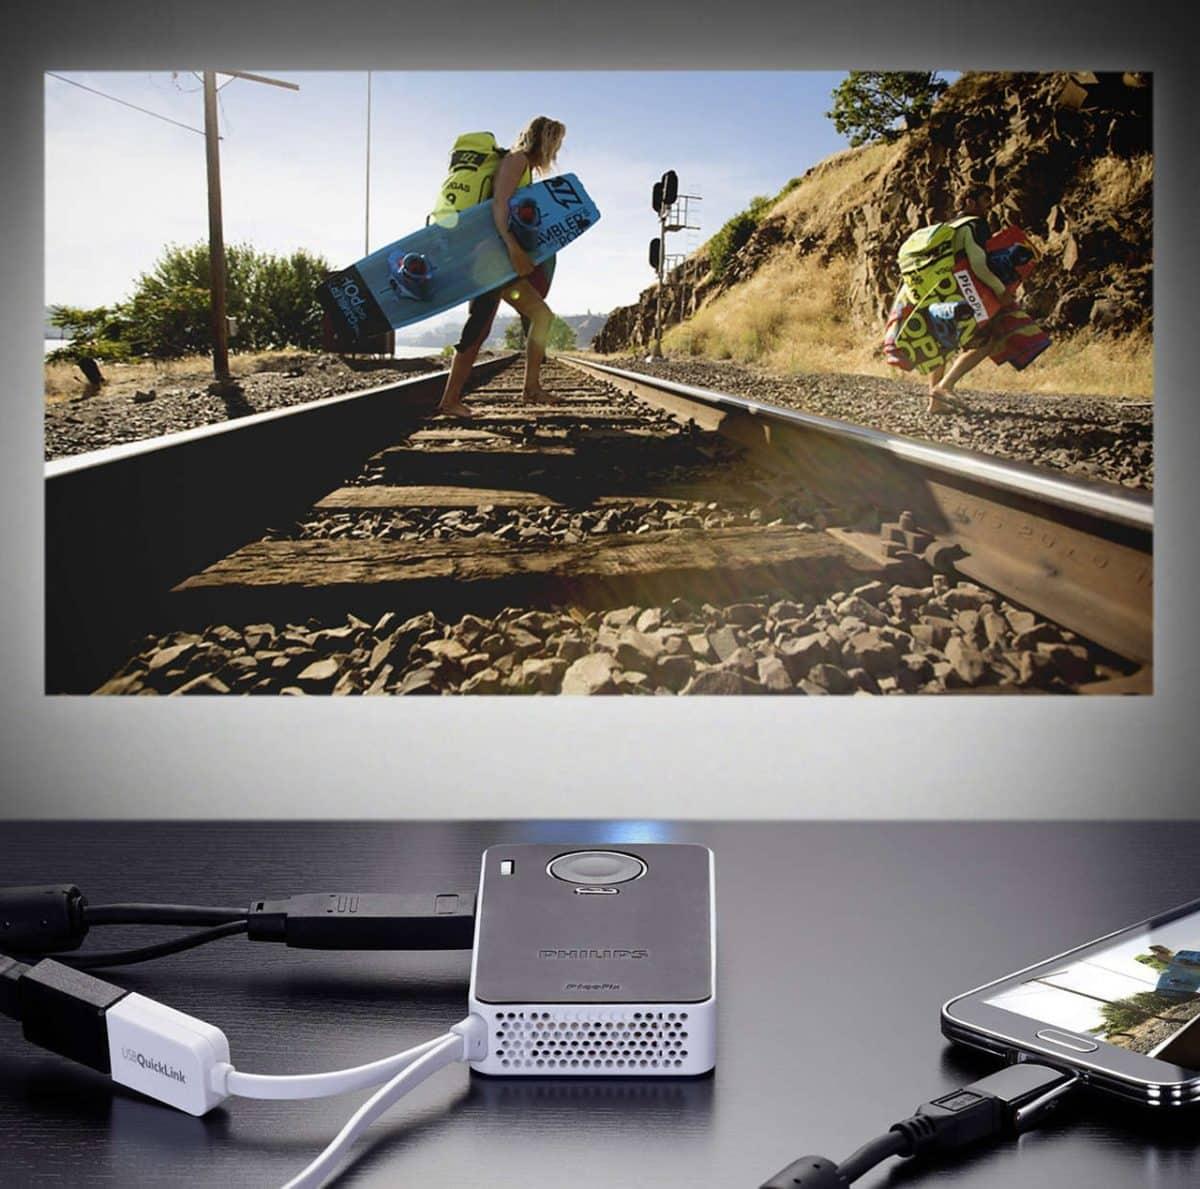 Philips PicoPix PPX 4350 013